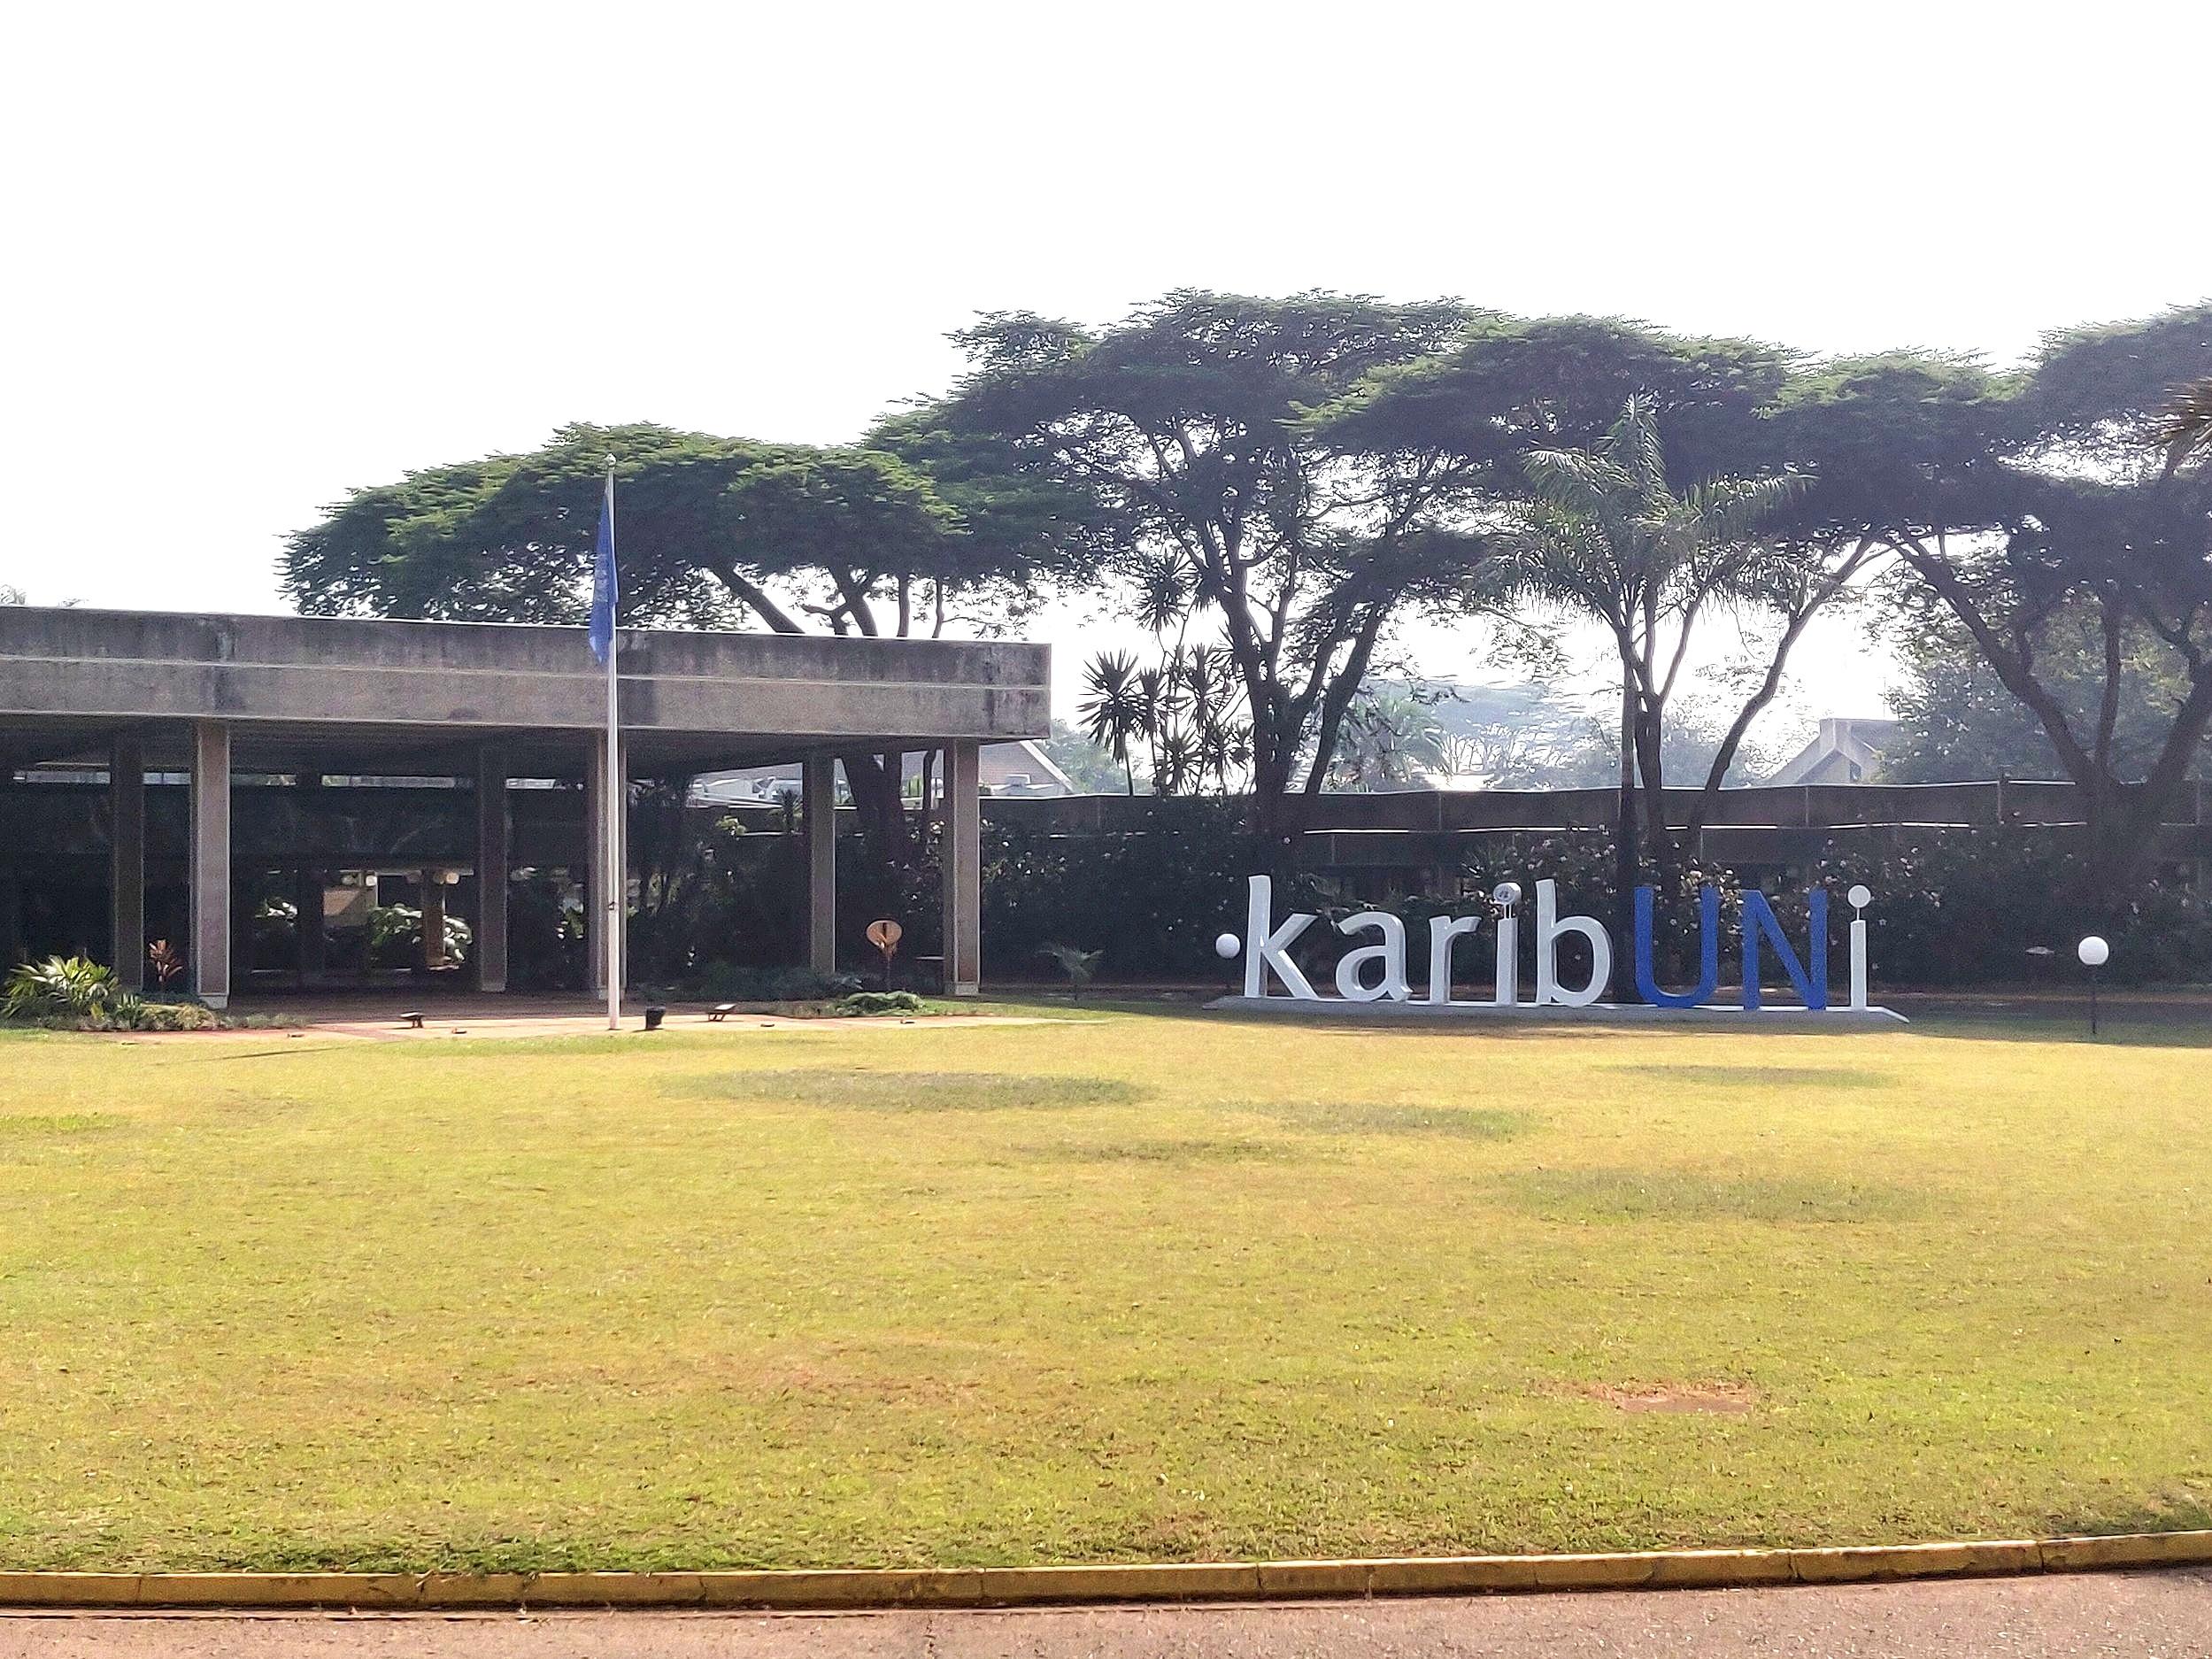 Eoin_Kenya_trip_Karib.jpg